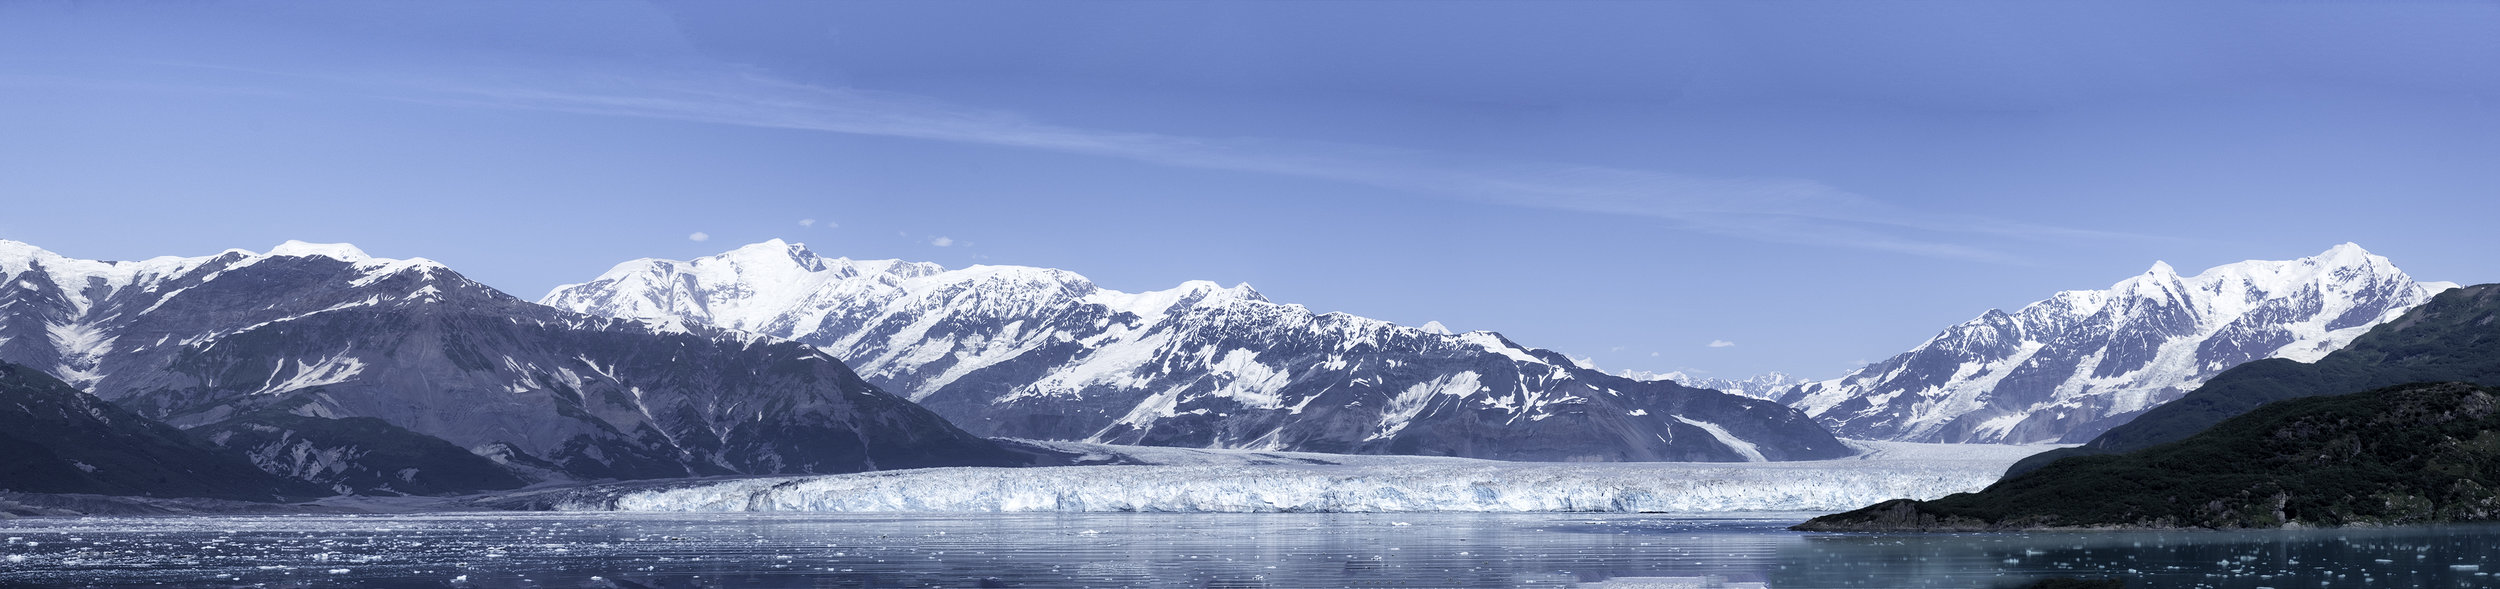 Hubbard Glacier, July Afternoon